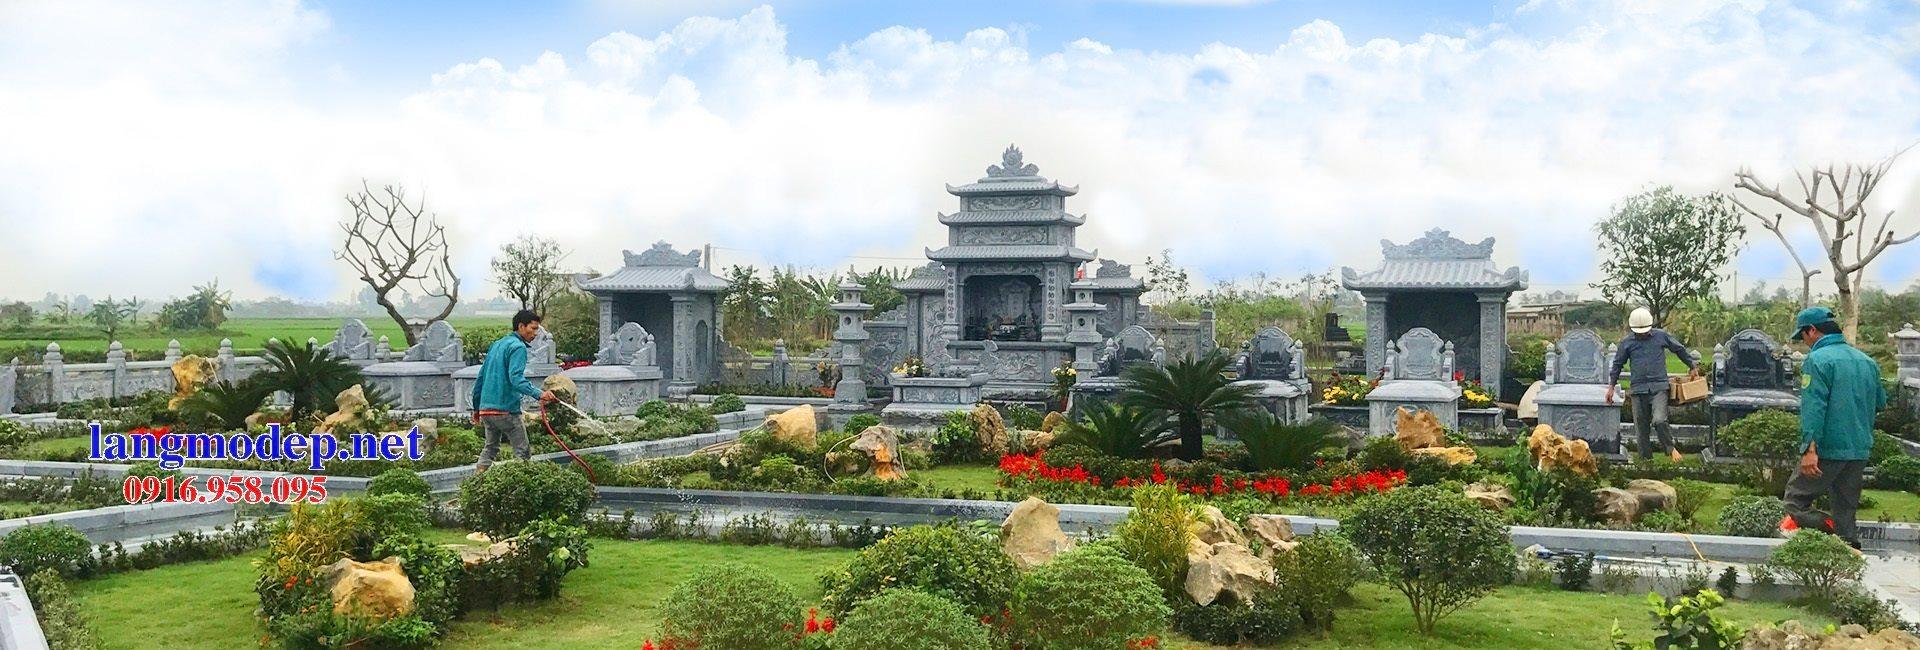 Mẫu lăng mộ đá cất để cốt đẹp bán tại Sài Gòn 04